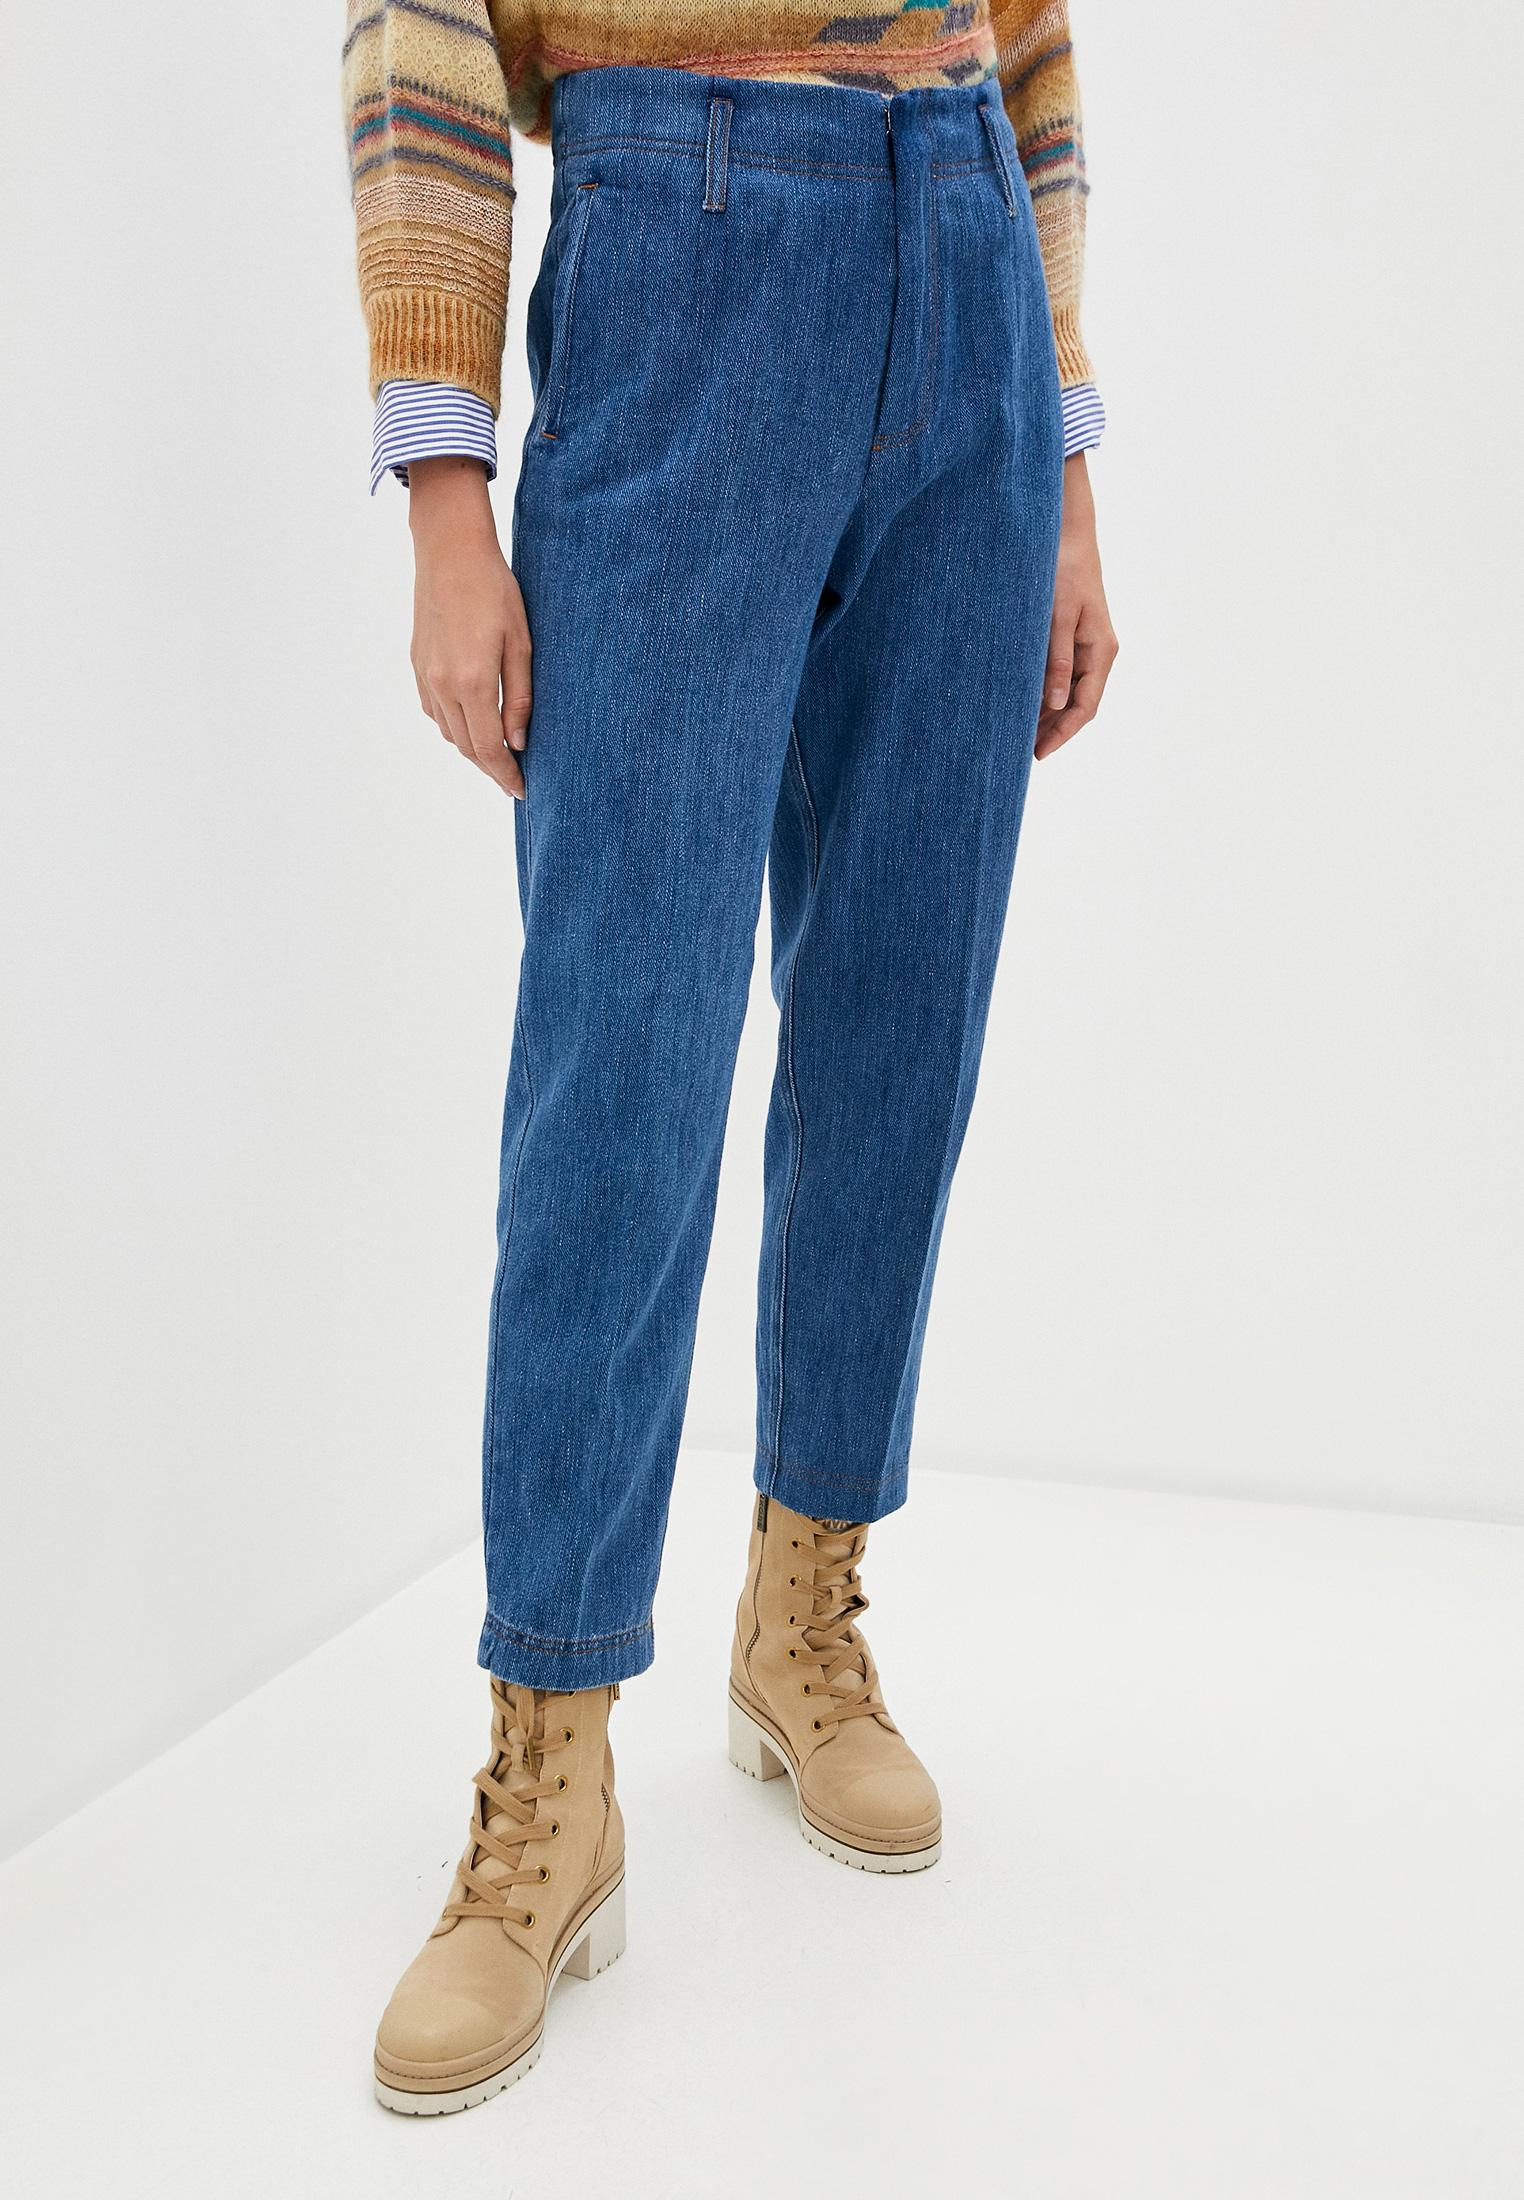 Широкие и расклешенные джинсы Forte Forte 7532_my pants